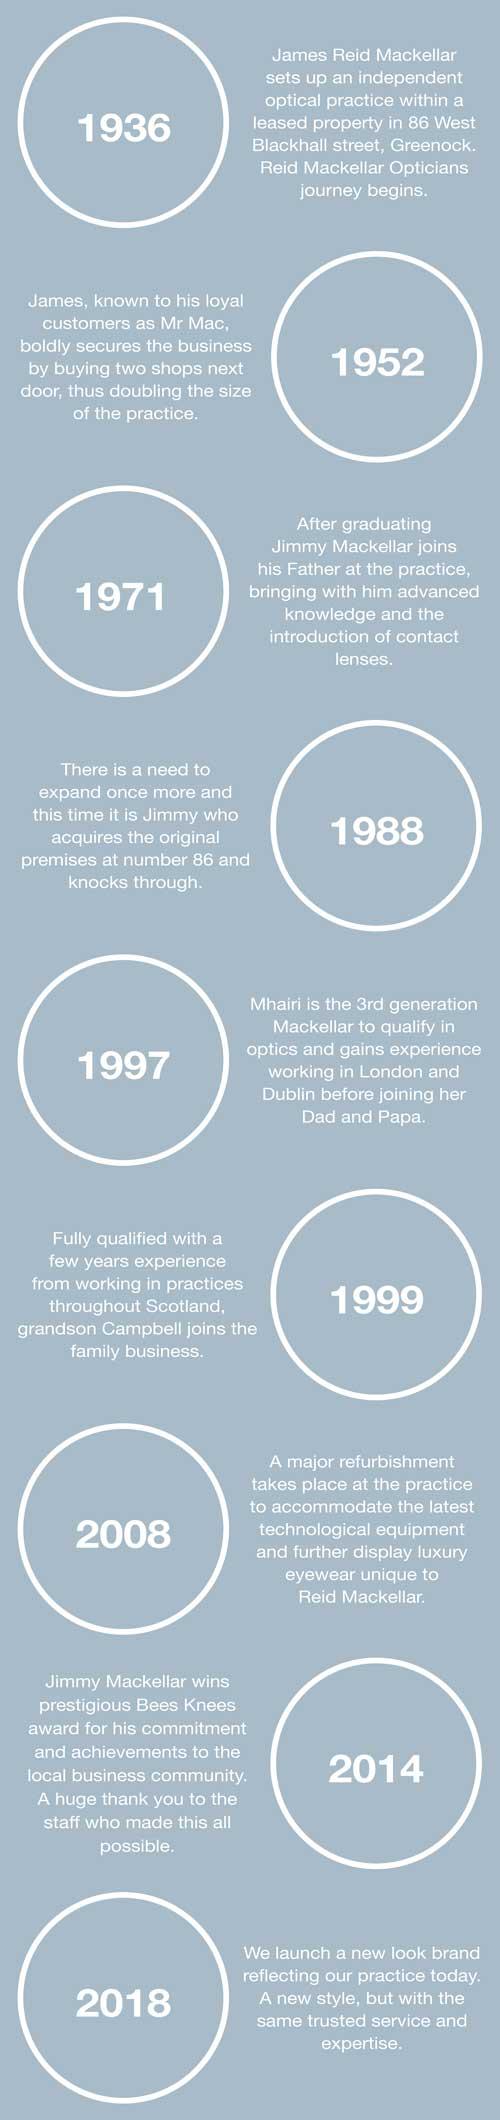 RM-Timeline-Mobile